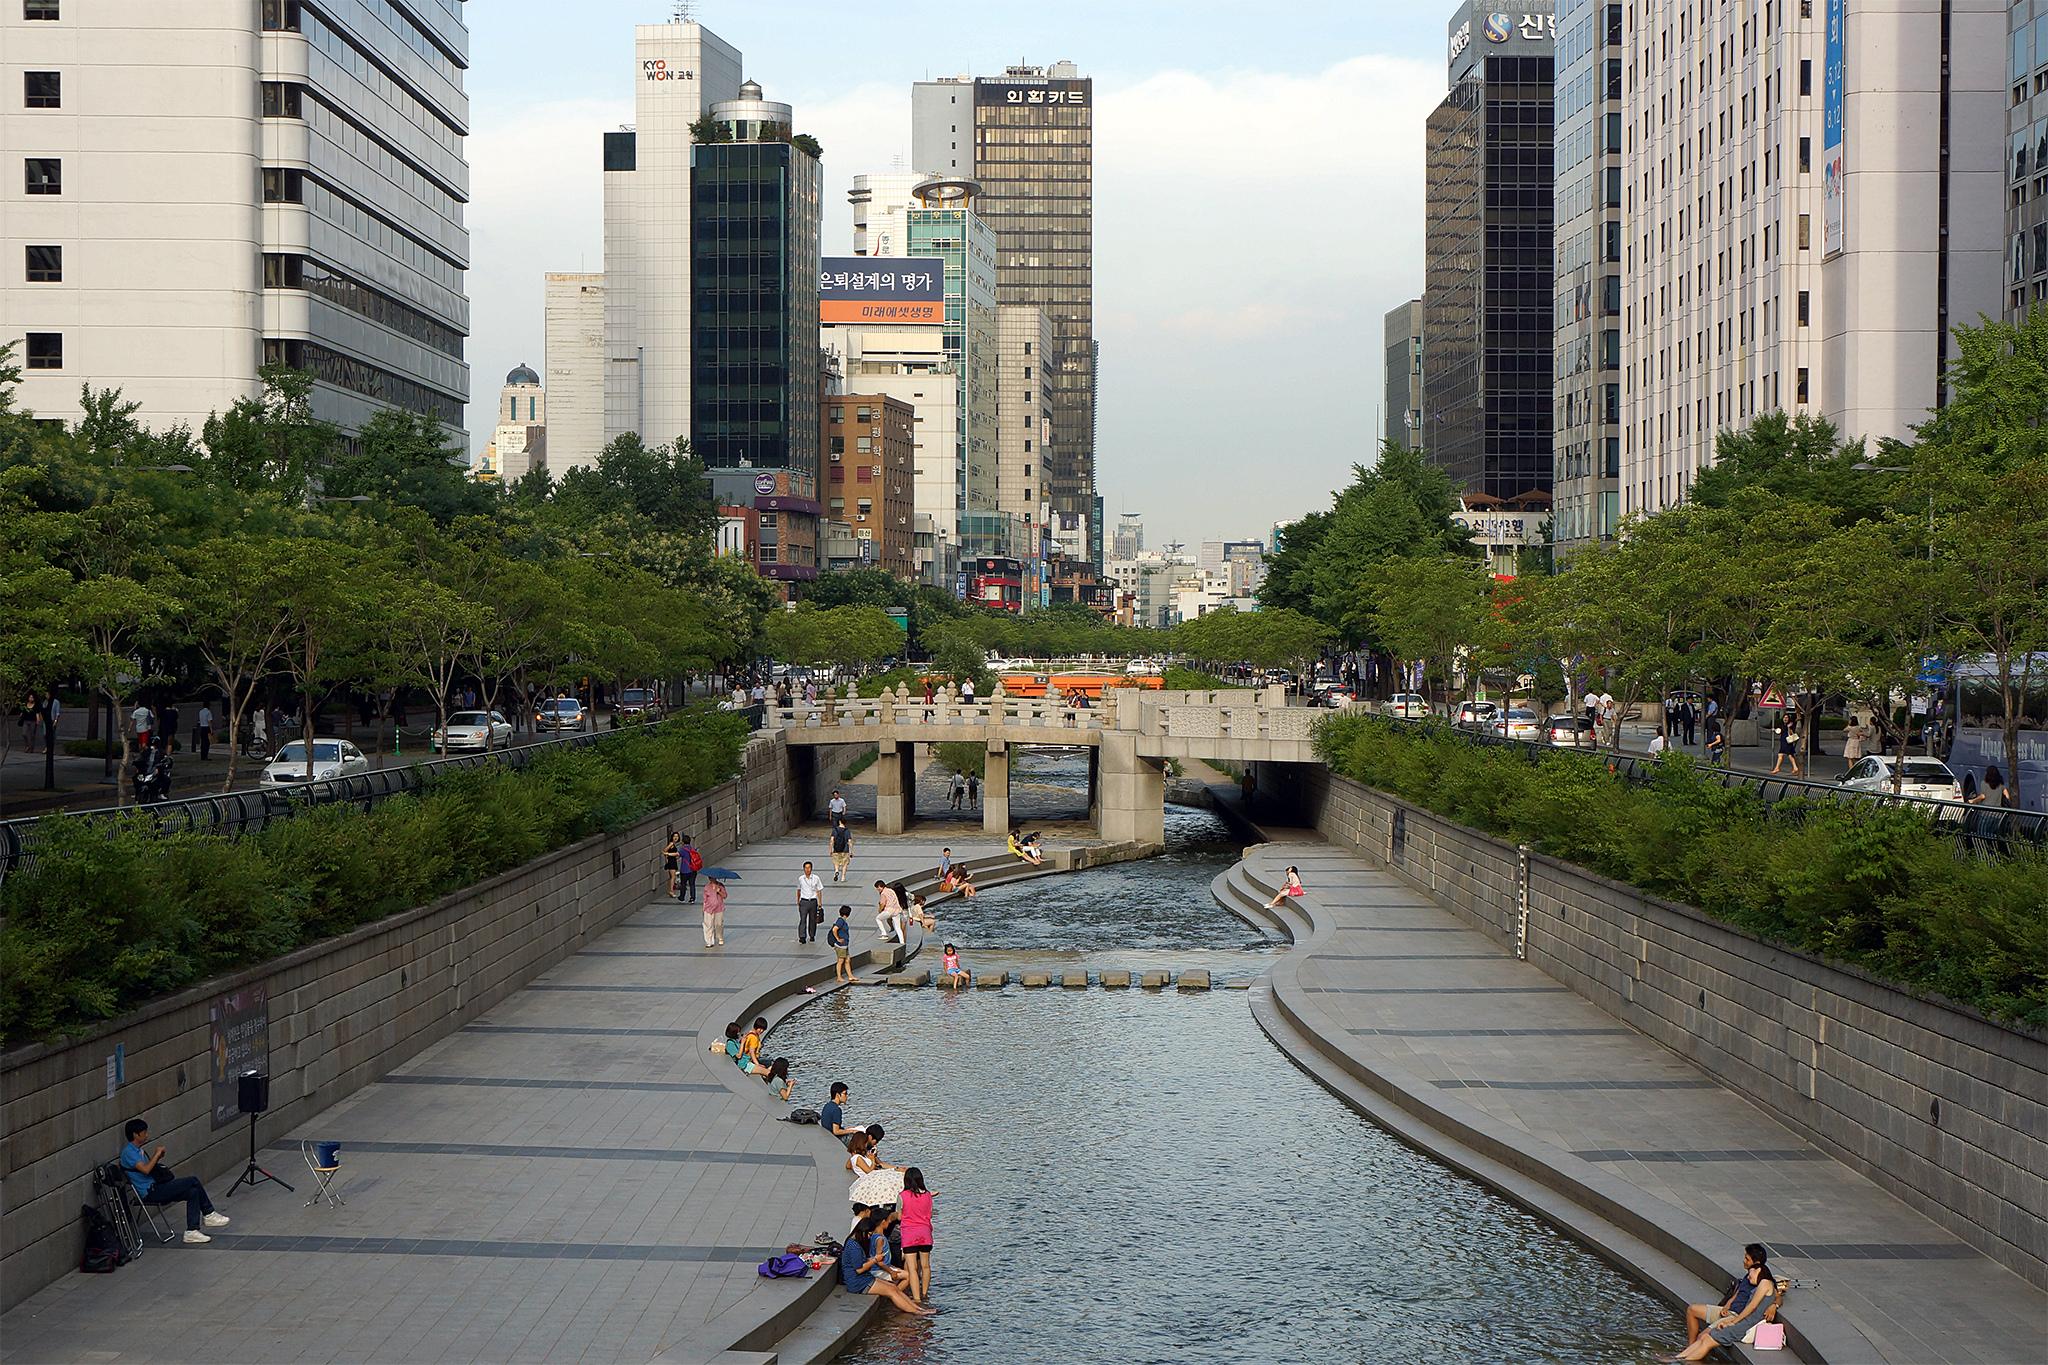 """Arrio sul-coreano é referência do grupo """"Eu quero o Arroio Dilvio Despoluído e Limpo"""": pedestres às margens, arranha-céus ao fundo."""